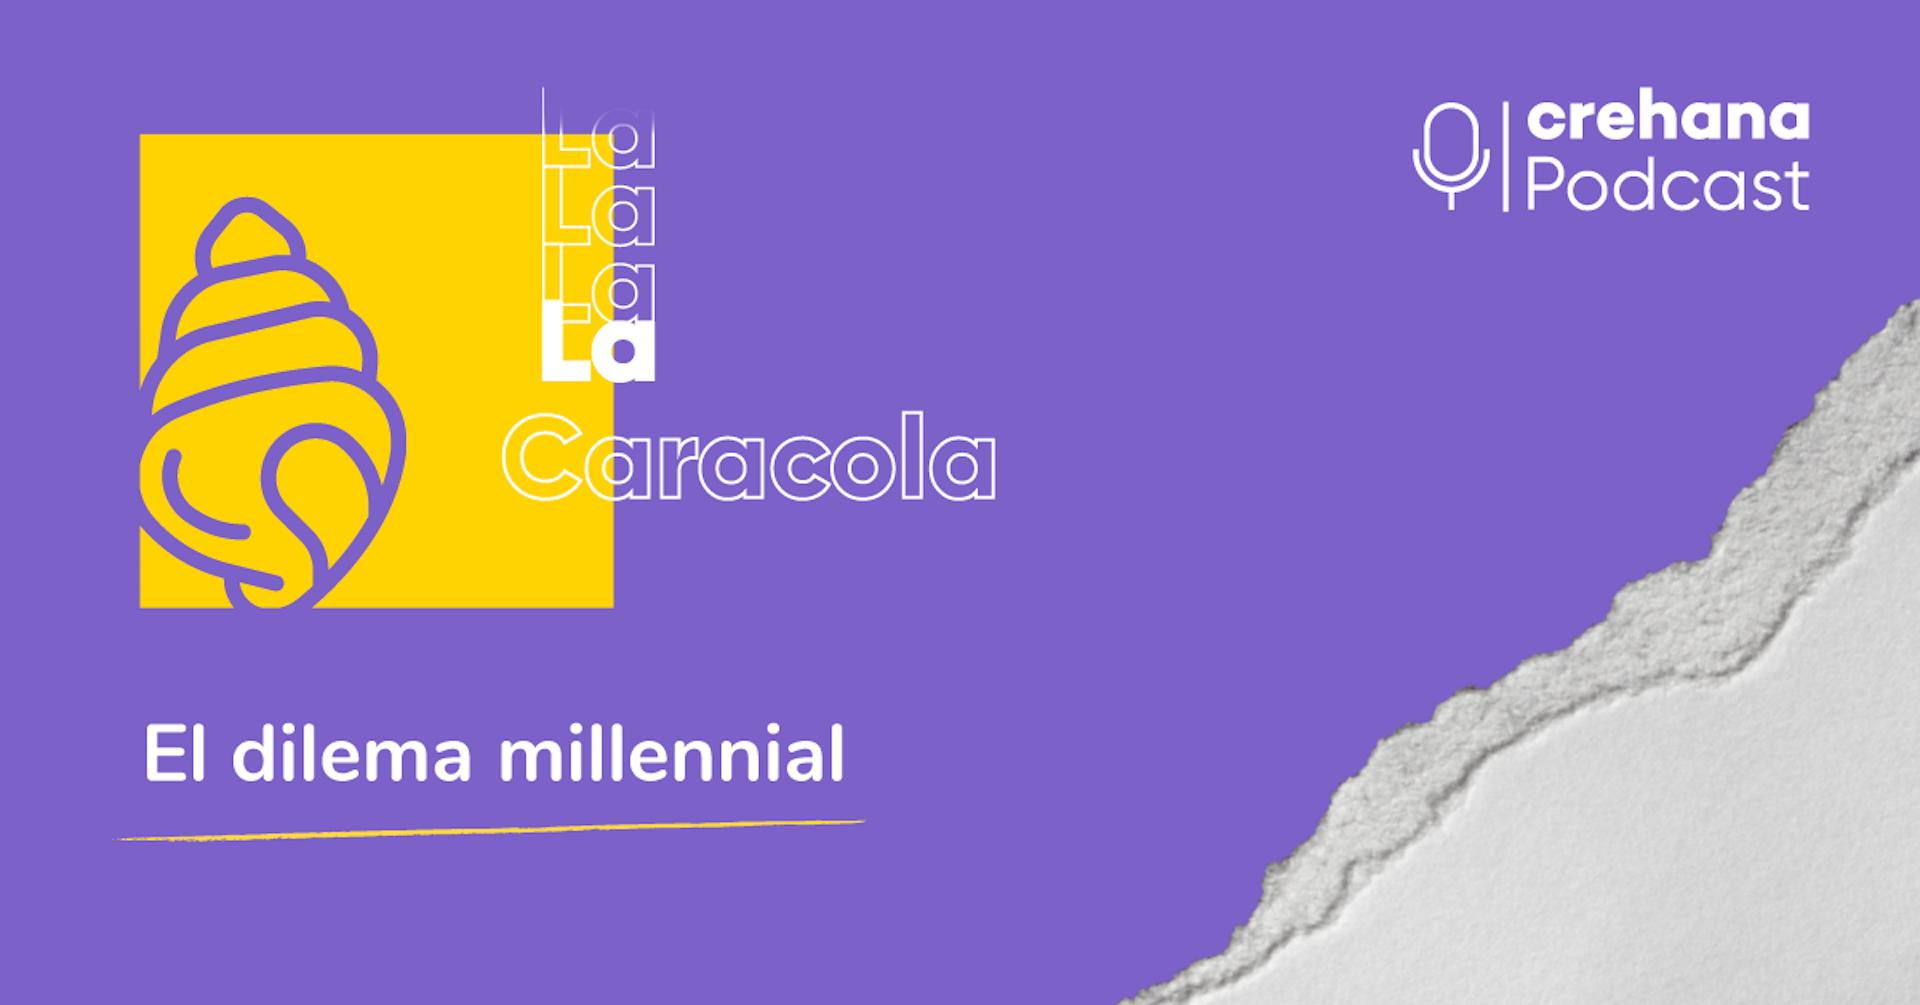 La Caracola, episodio 1: ¿Existe el balance entre el trabajo y la vida personal?